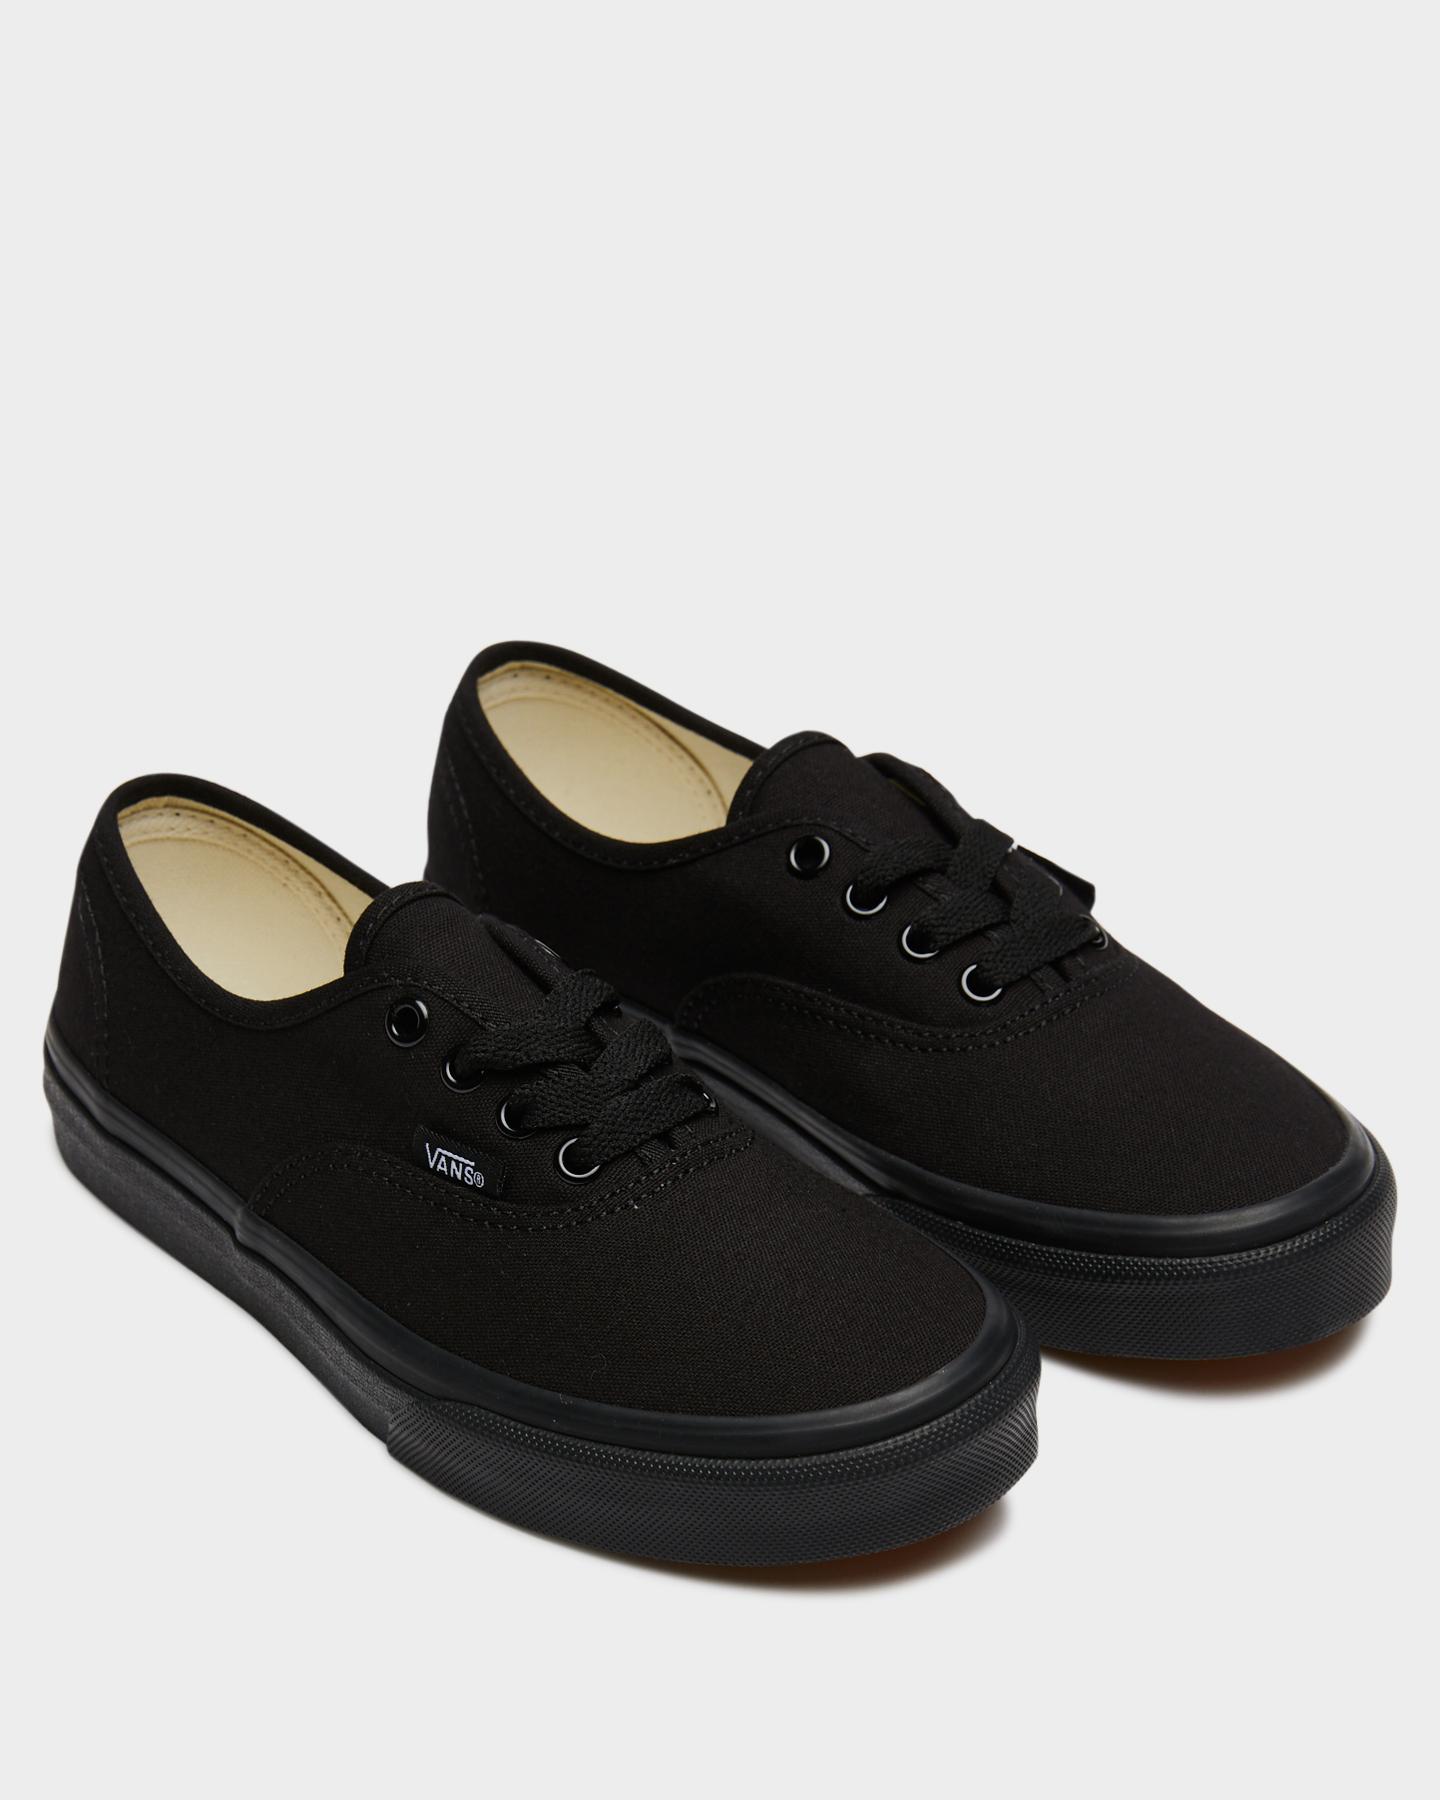 NEW-Vans-Shoes-Boys-Kids-Authentic-Shoe-Rubber-Soft-Children-Black-Footwear thumbnail 5